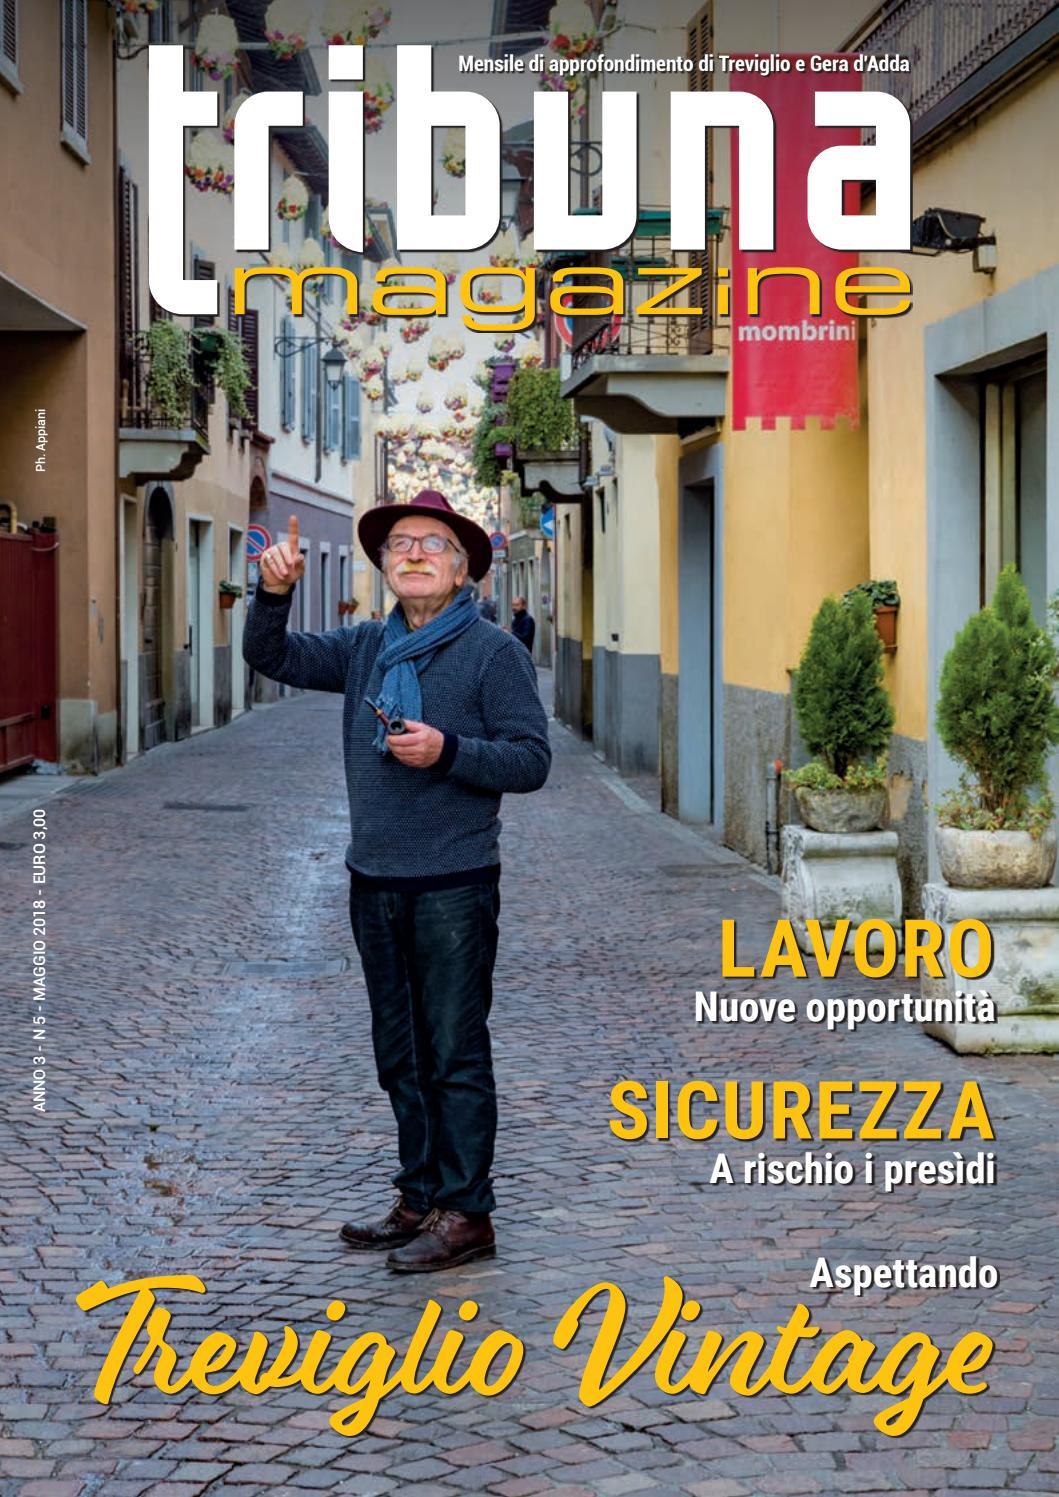 Forma E Colori Treviglio tribuna magazine 2018 05 by lanuovatribuna - issuu